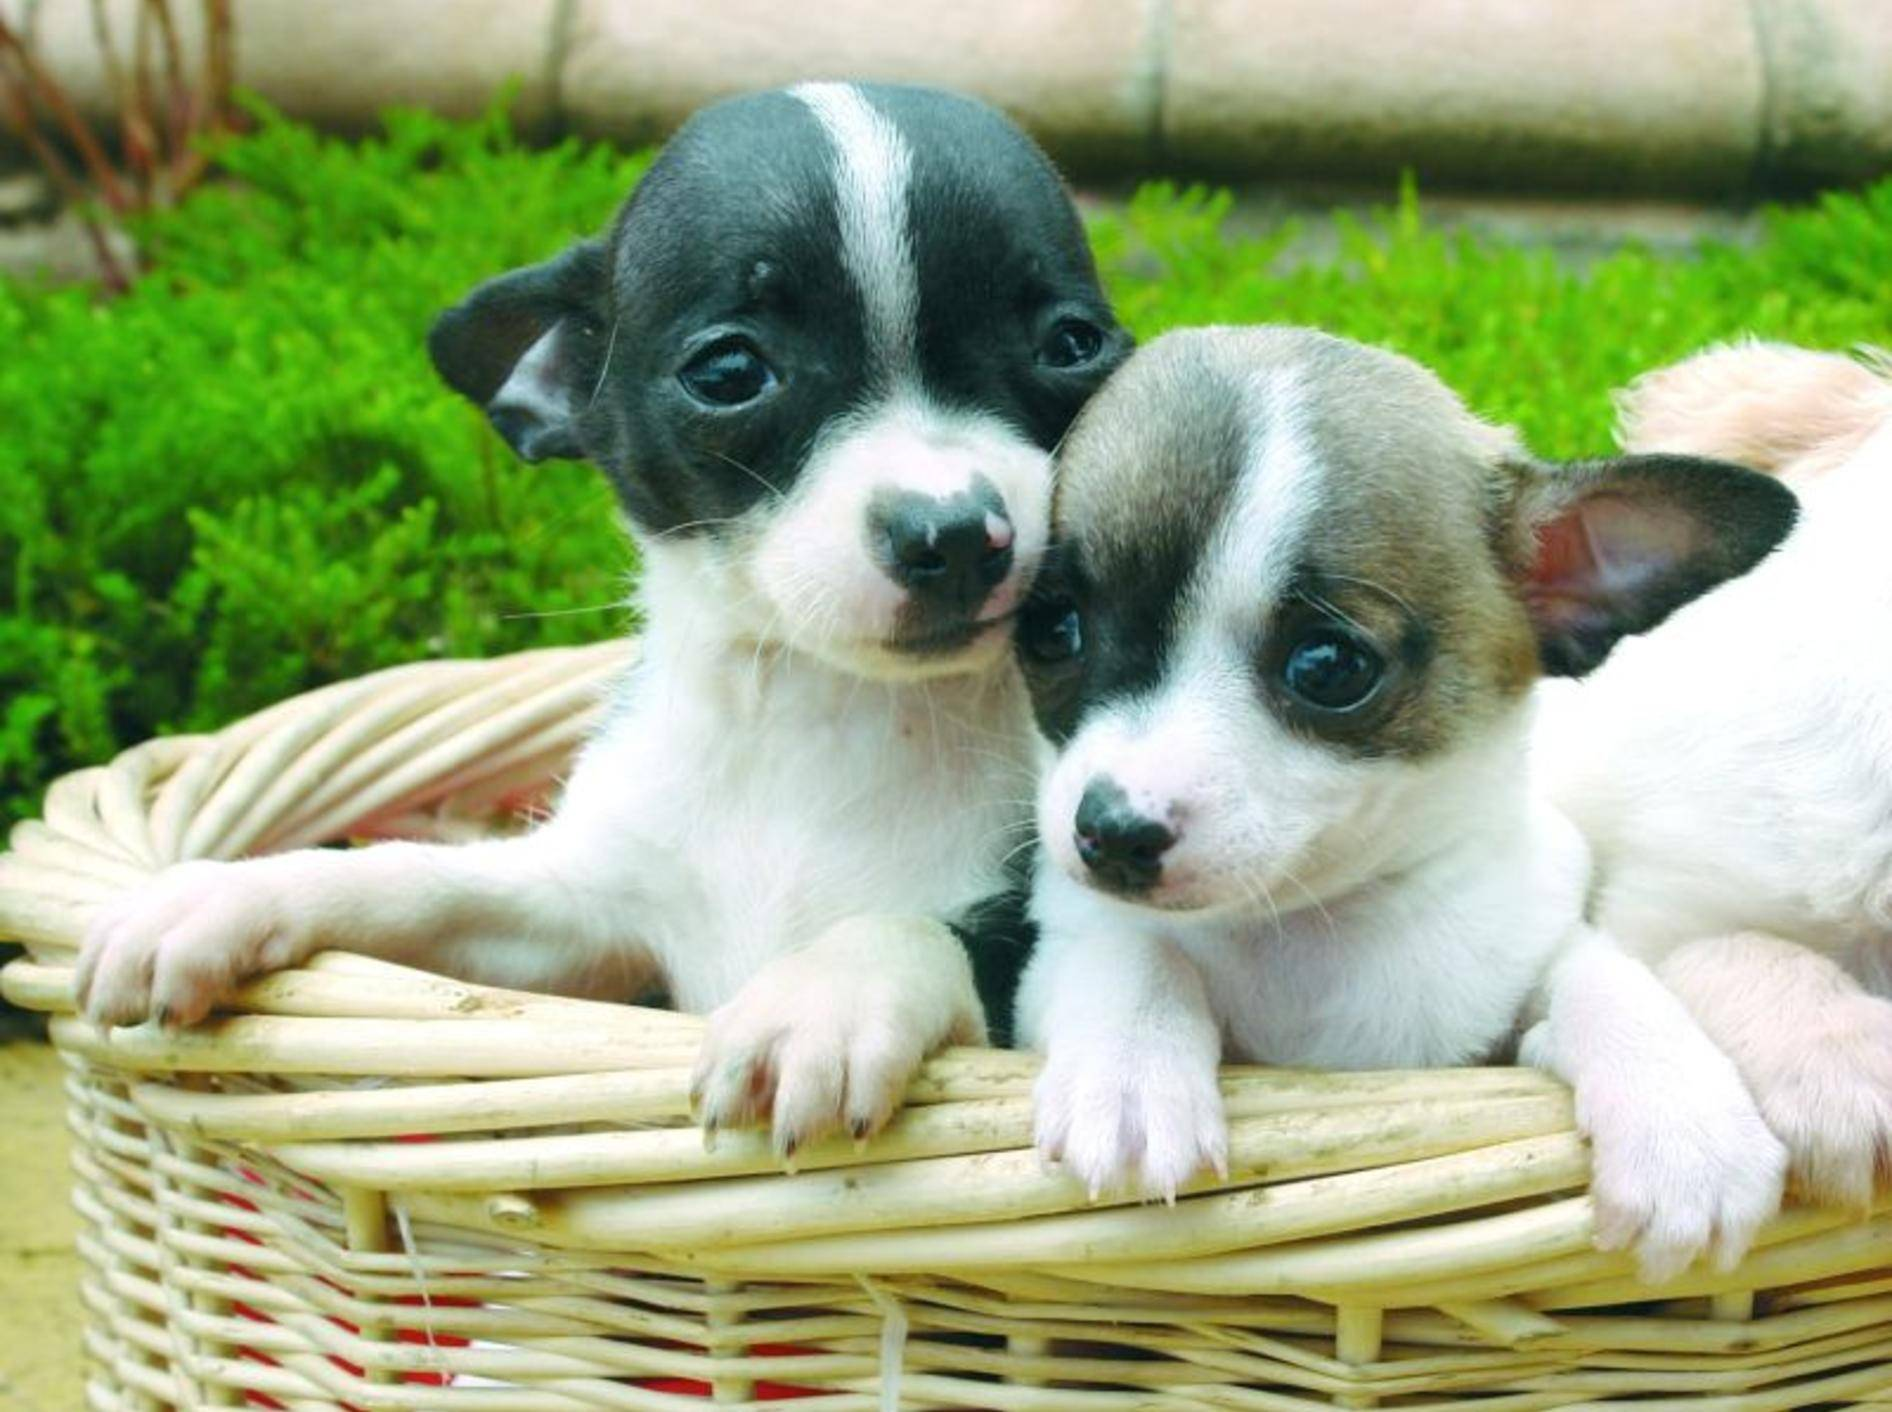 Hübsch und praktisch: Hundekorb aus Holz — Bild: Shutterstock / pixshots